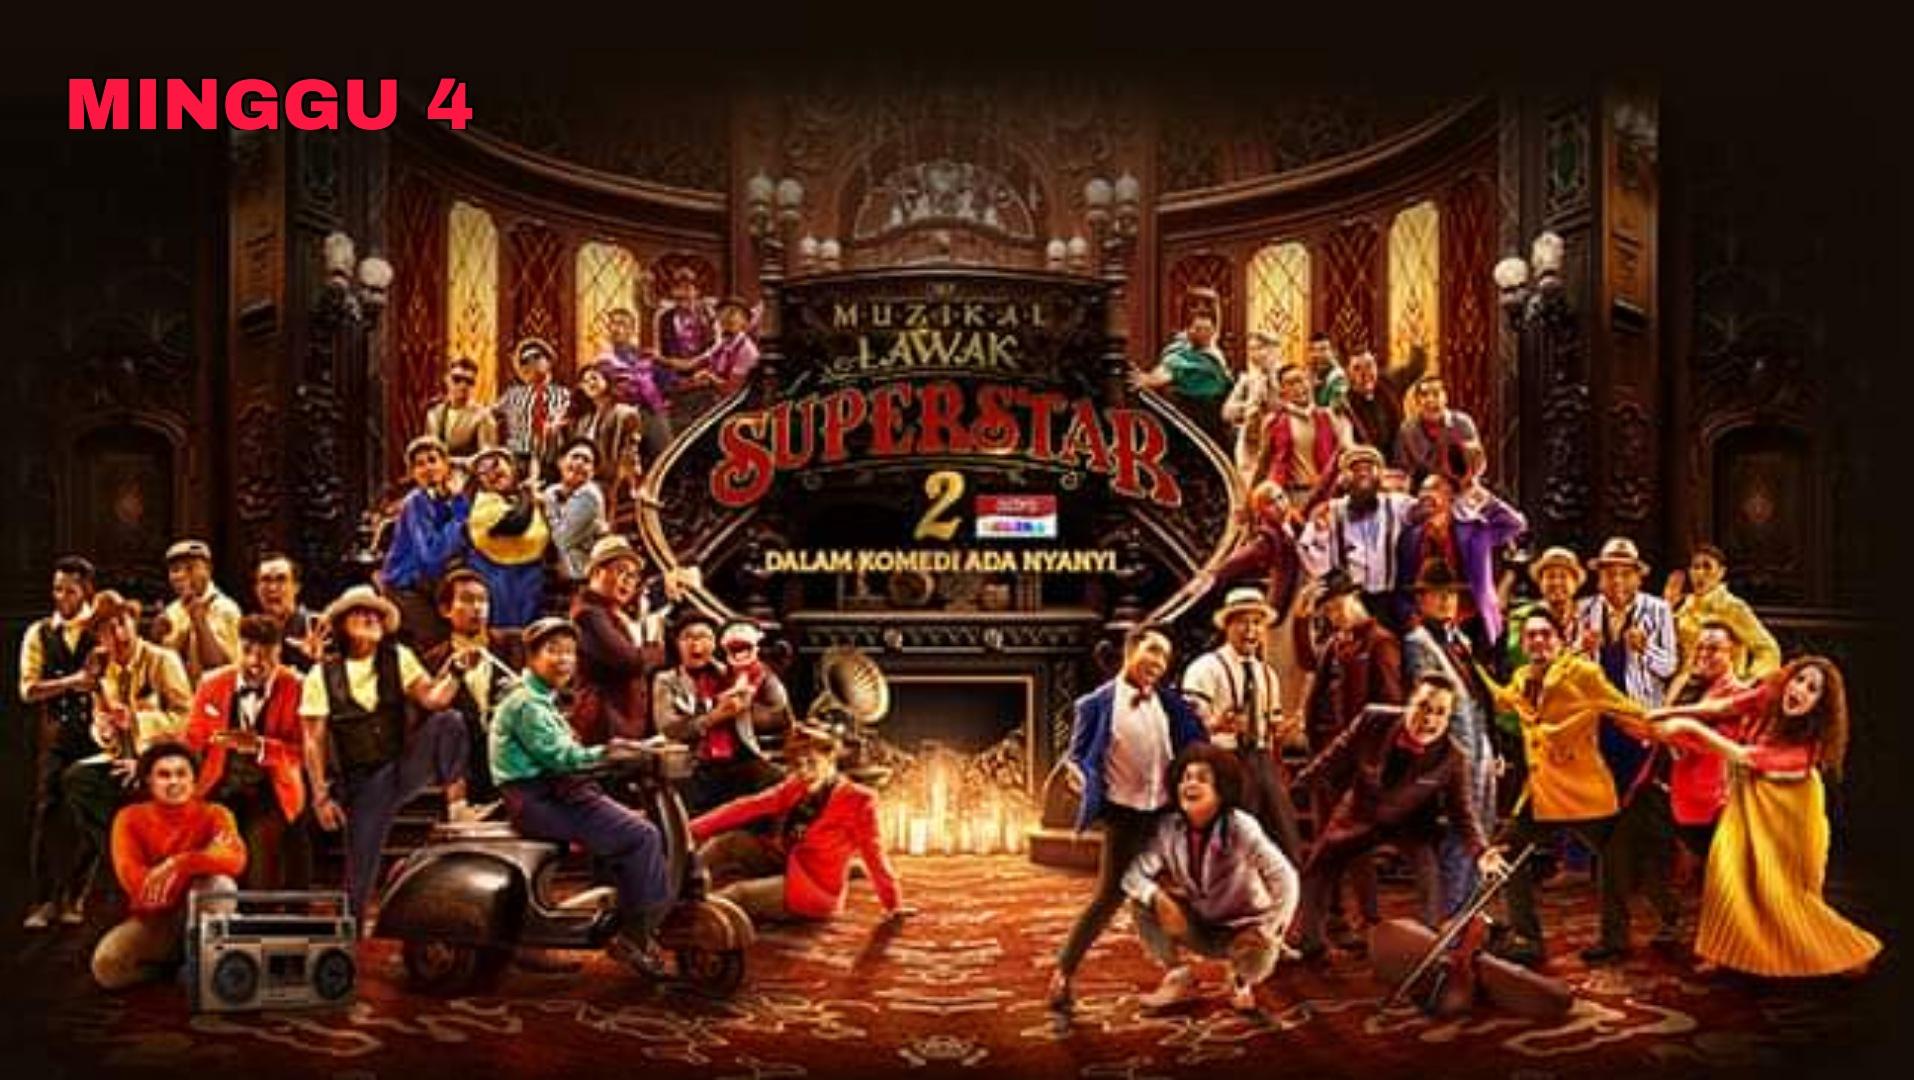 Live Streaming Muzikal Lawak Superstar 2020 Minggu 4 (Siaran Langsung)